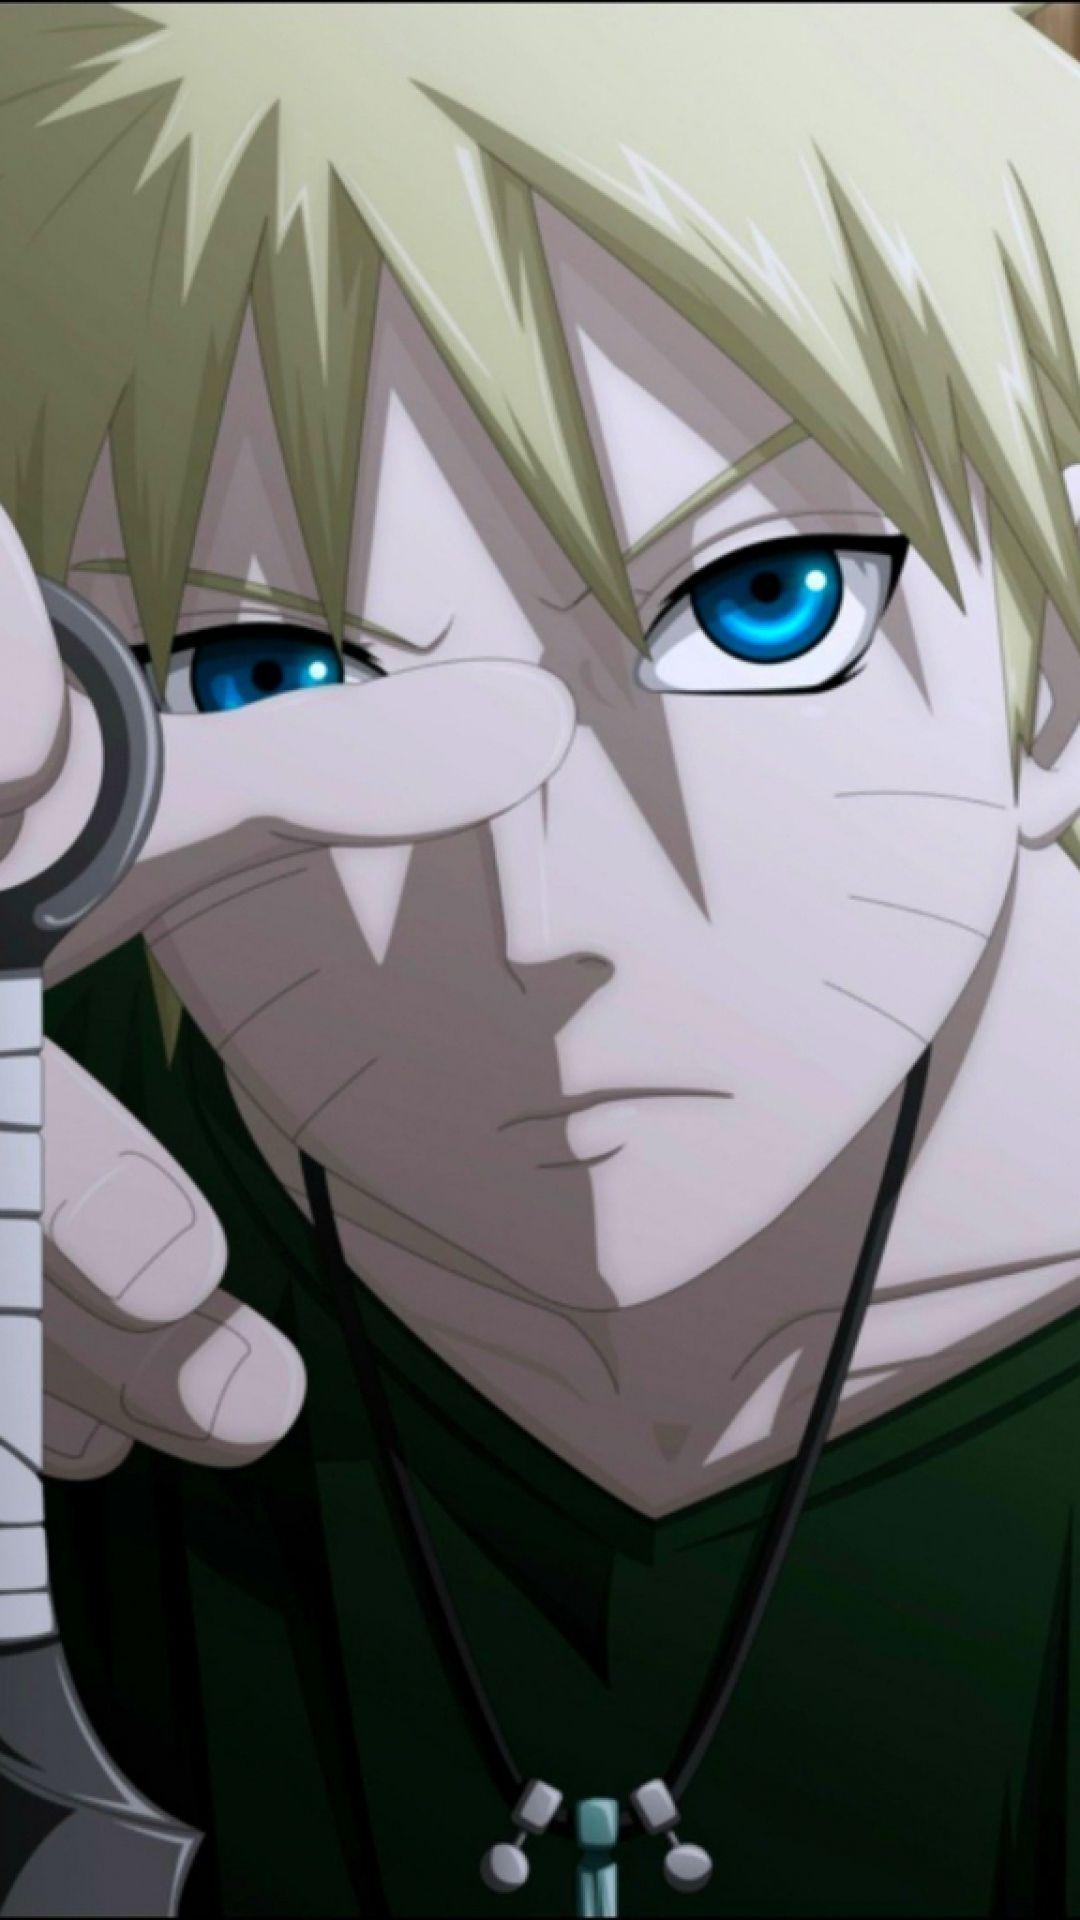 Naruto Kakashi iPhone Wallpapers - Top Free Naruto Kakashi ...